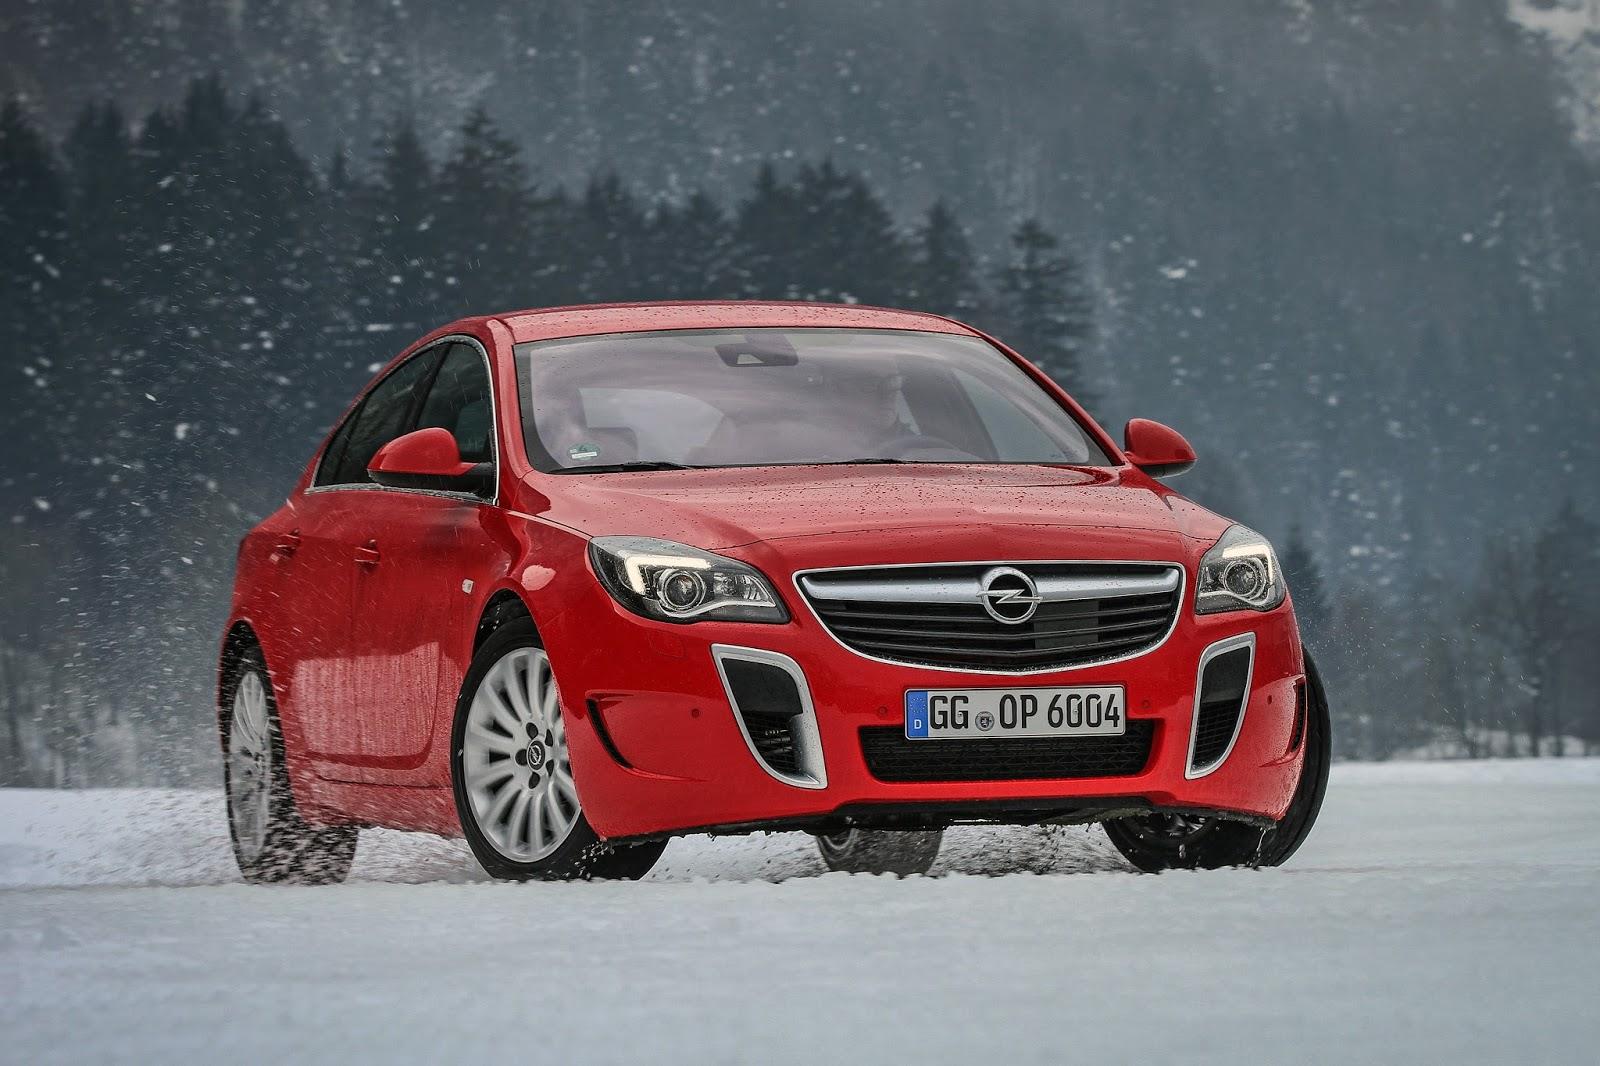 Οδηγίες για ασφαλή οδήγηση τους χειμερινούς μήνες